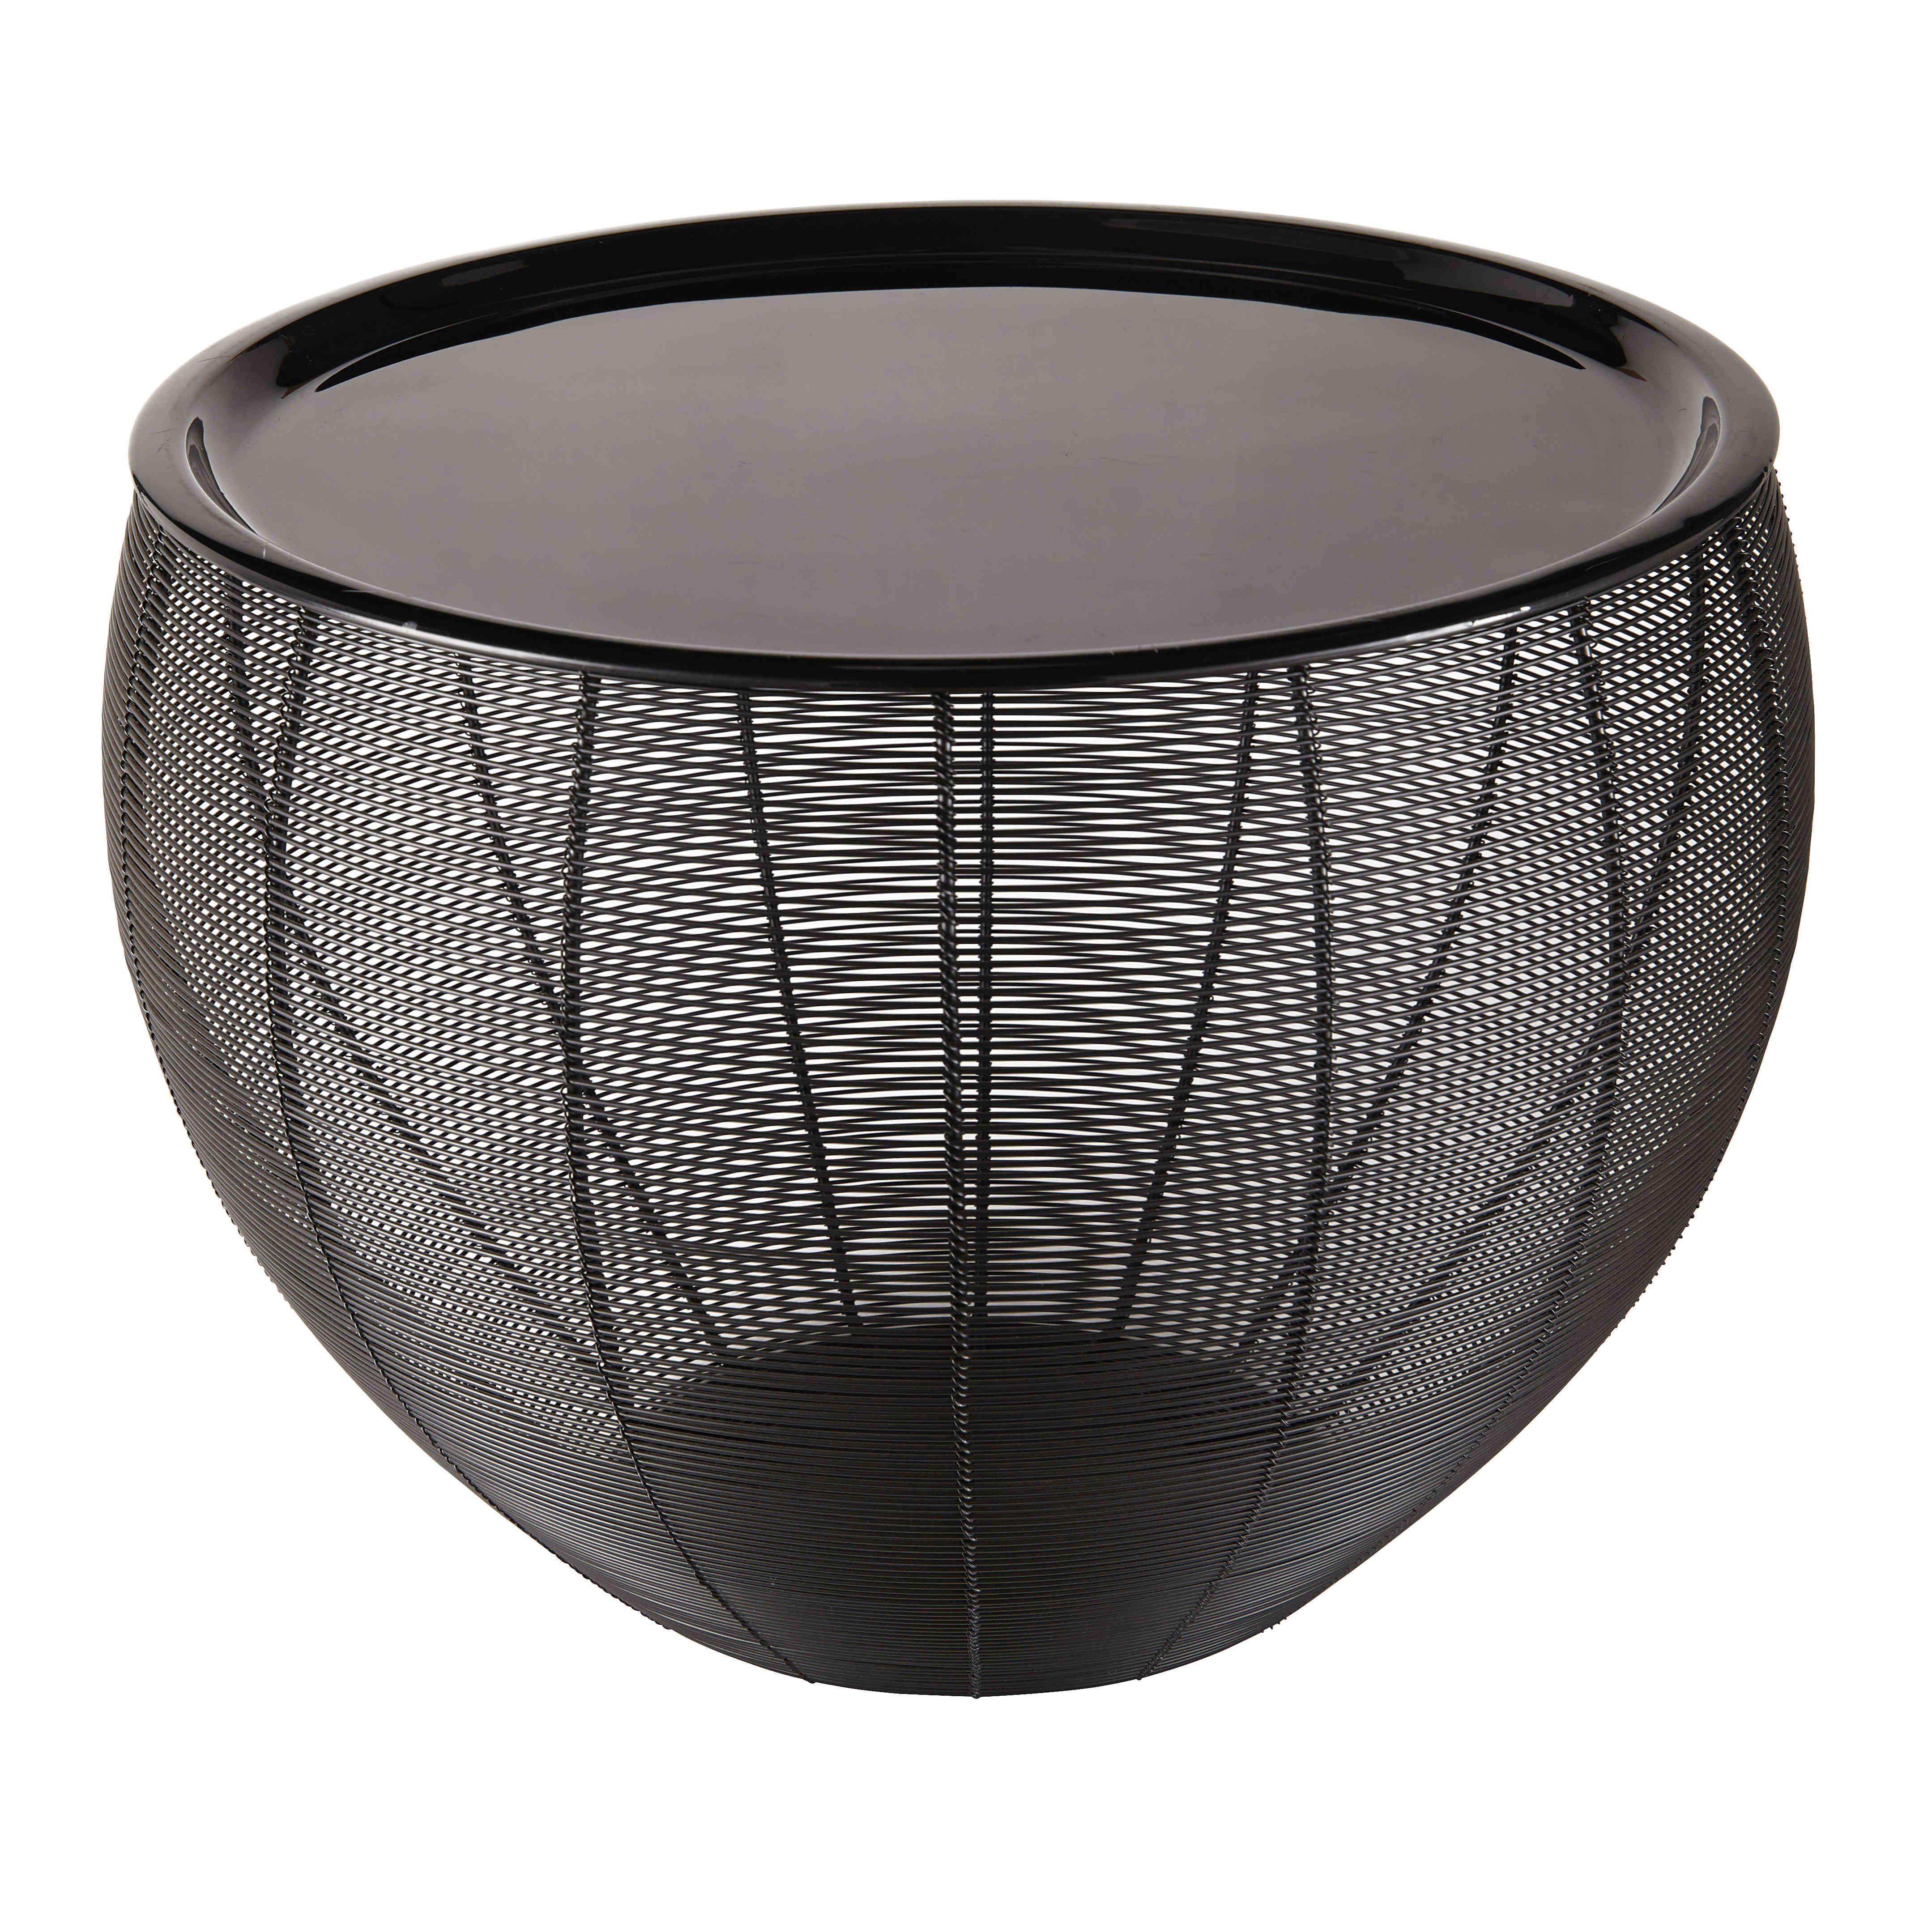 Beistelltisch aus schwarz lackiertem Metall YASSIR